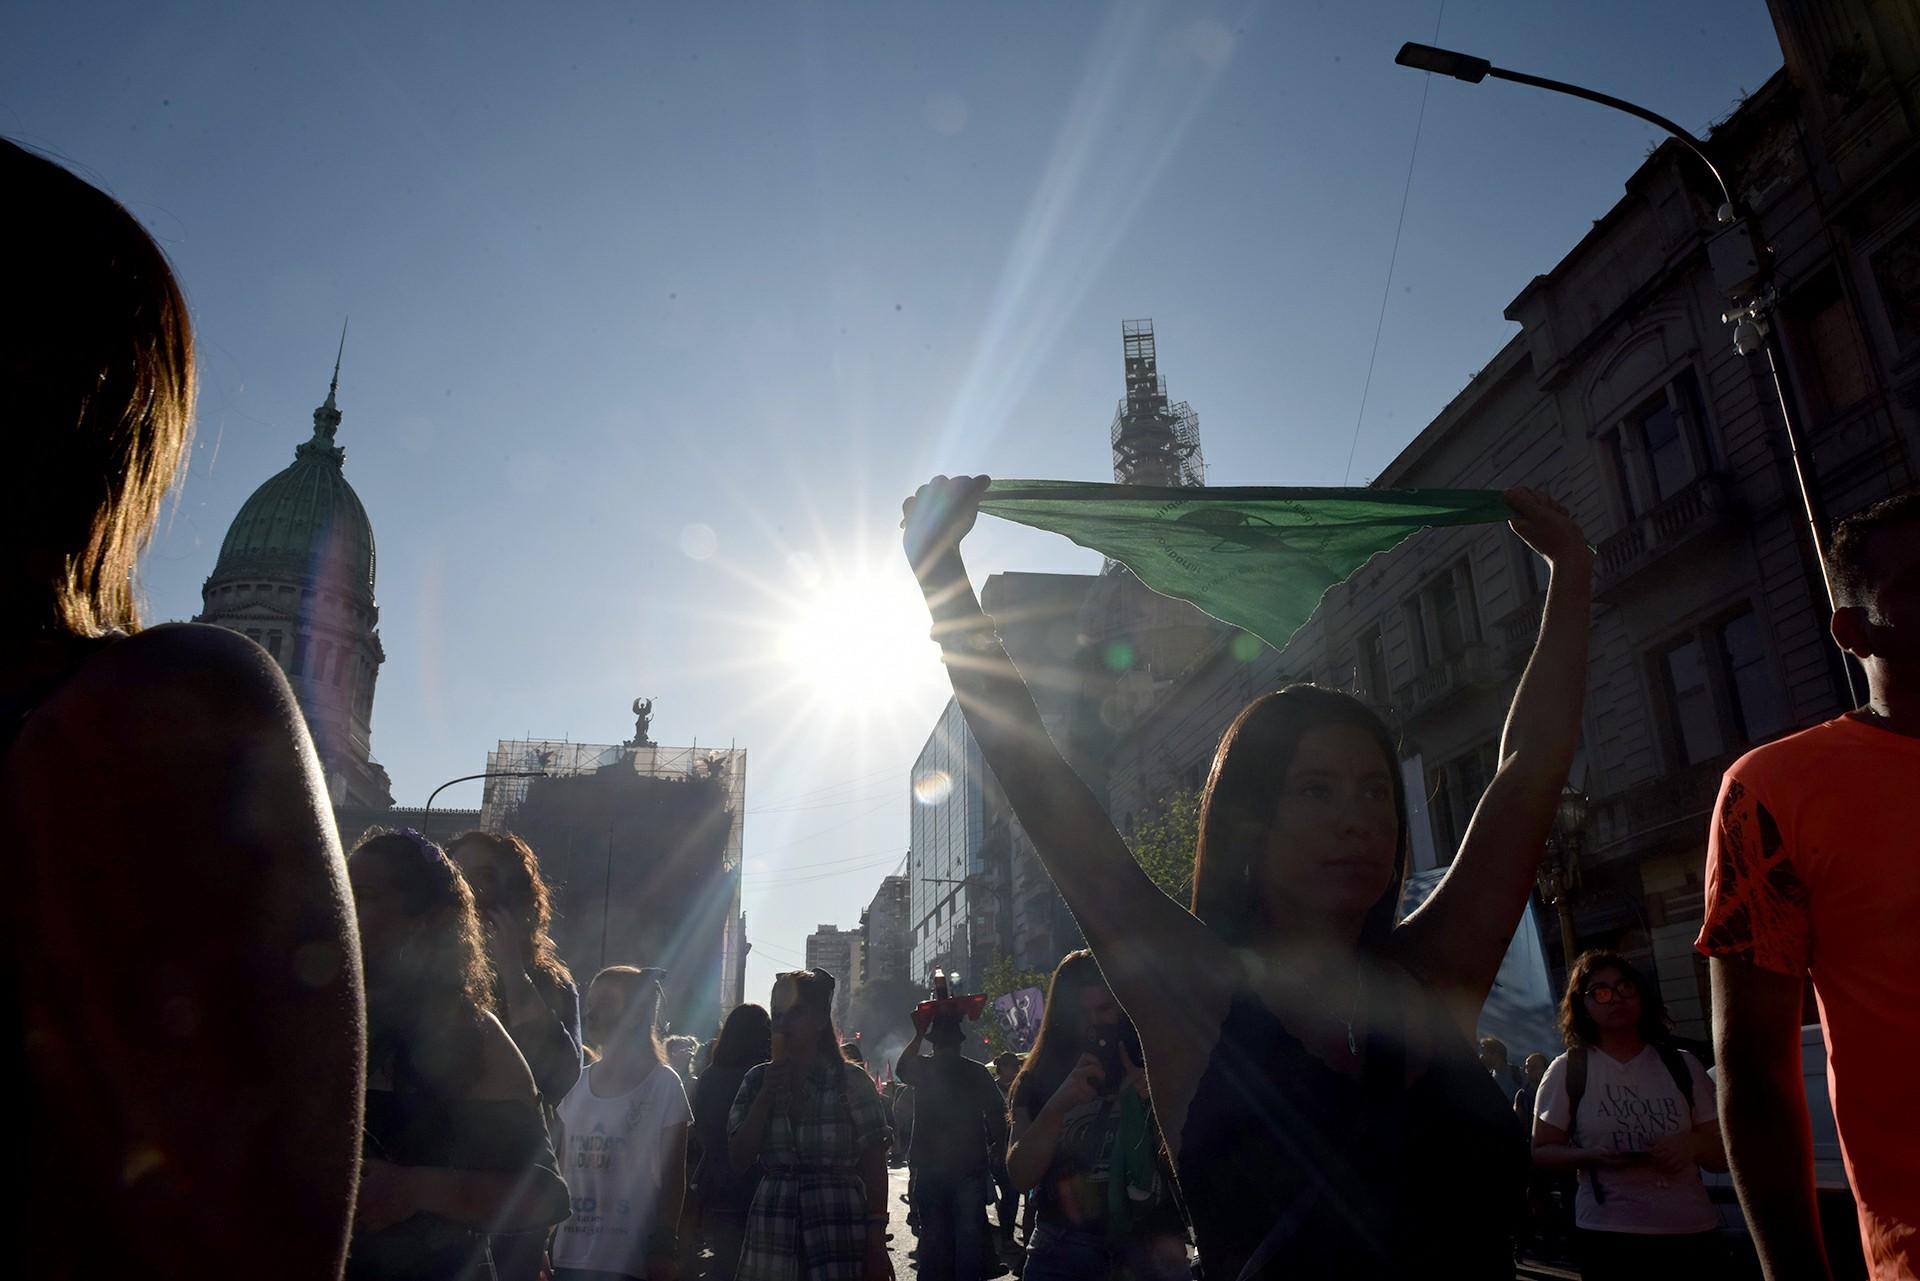 Miles de mujeres llevaron carteles y pañuelos con consignas a favor del aborto